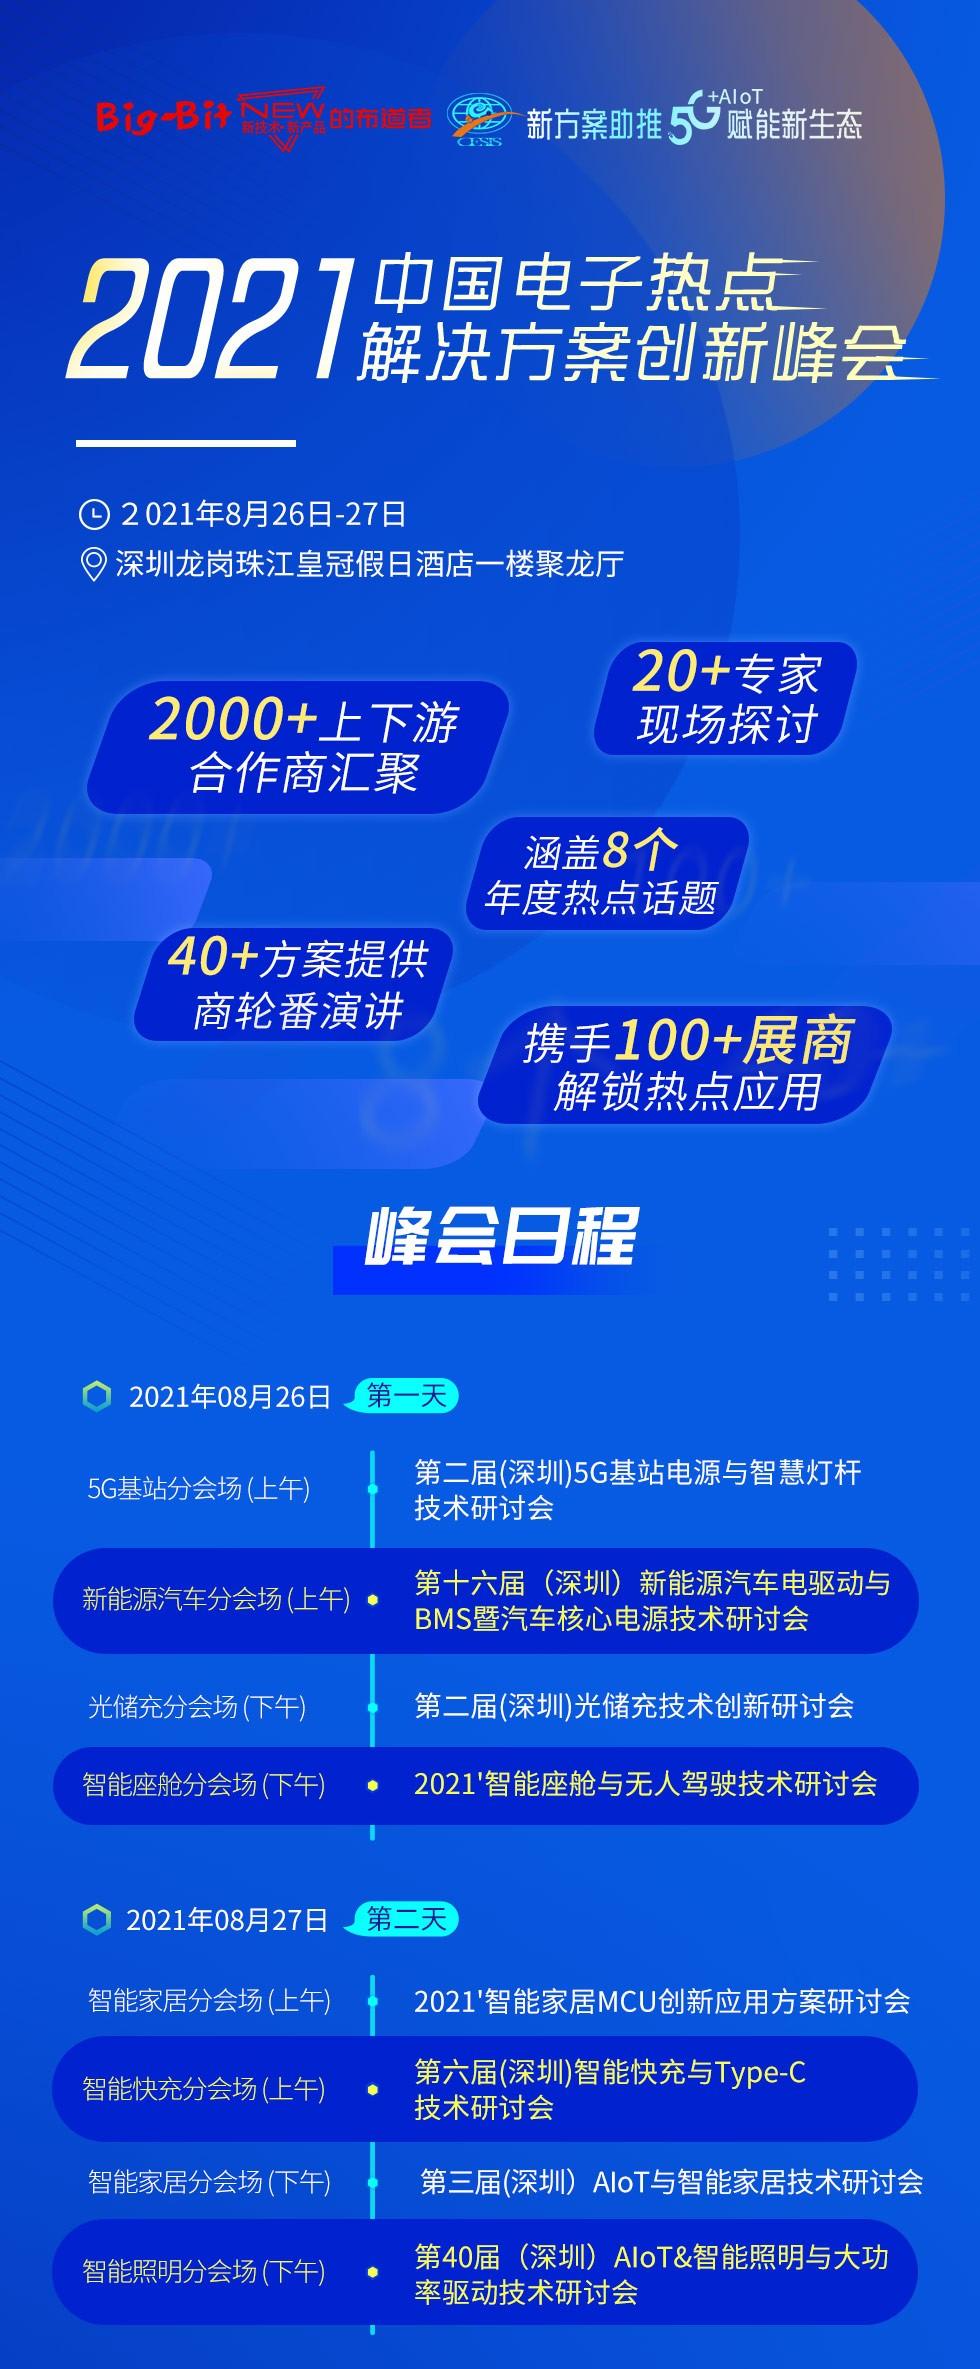 超级快充:支持最大电压1000V,8分钟充至80%